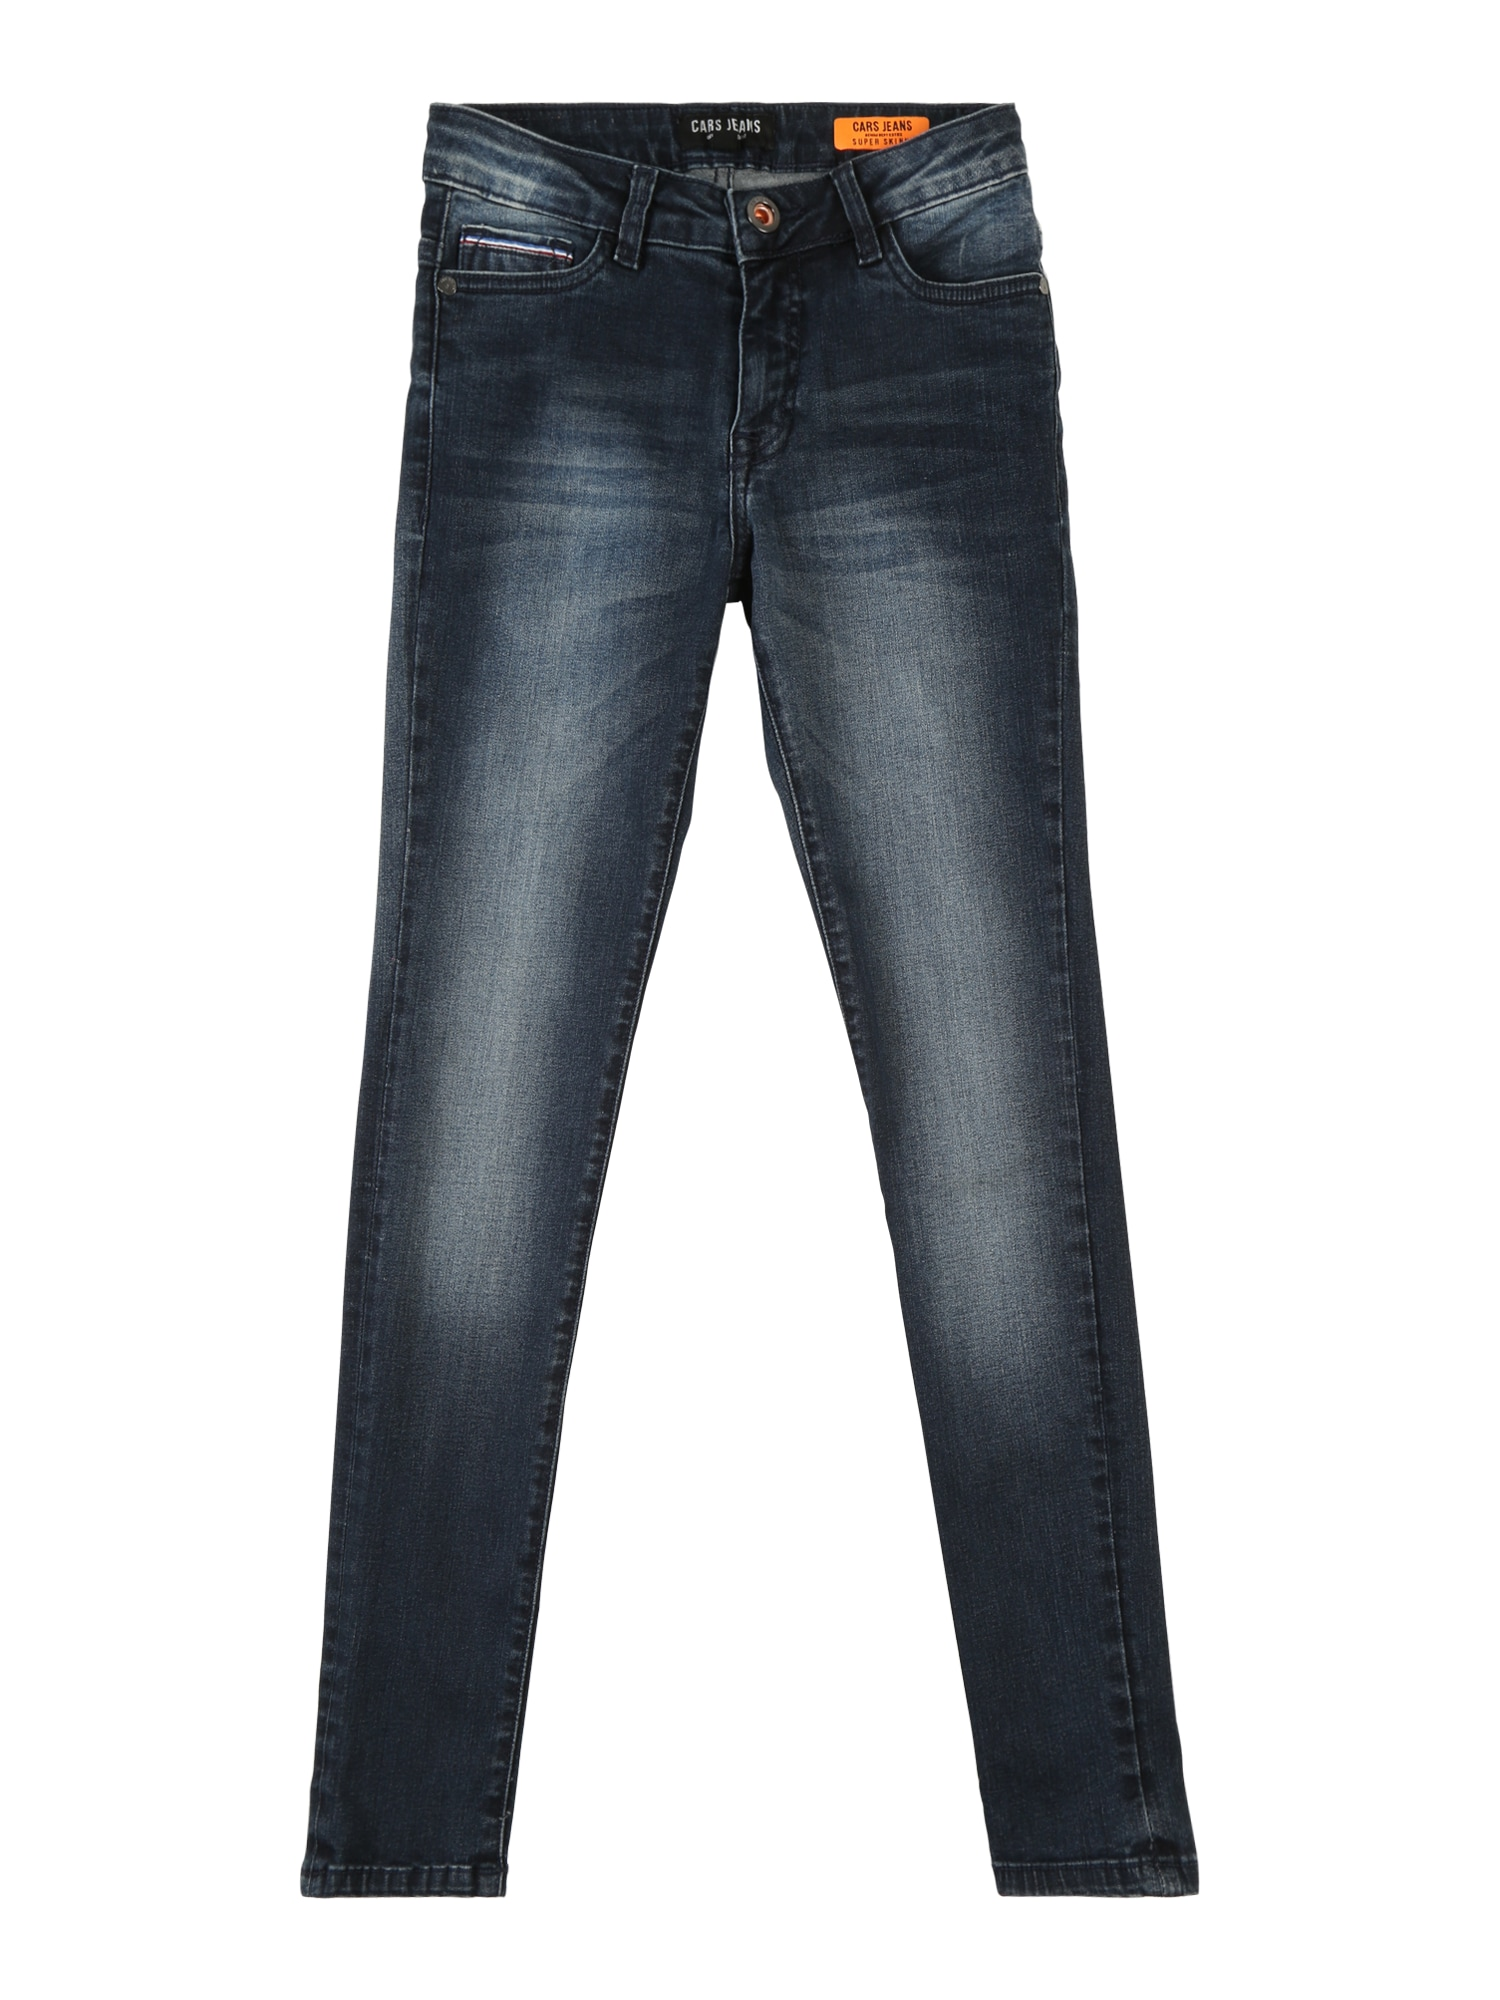 Cars Jeans Džinsai 'KIDS DIEGO' juodo džinso spalva